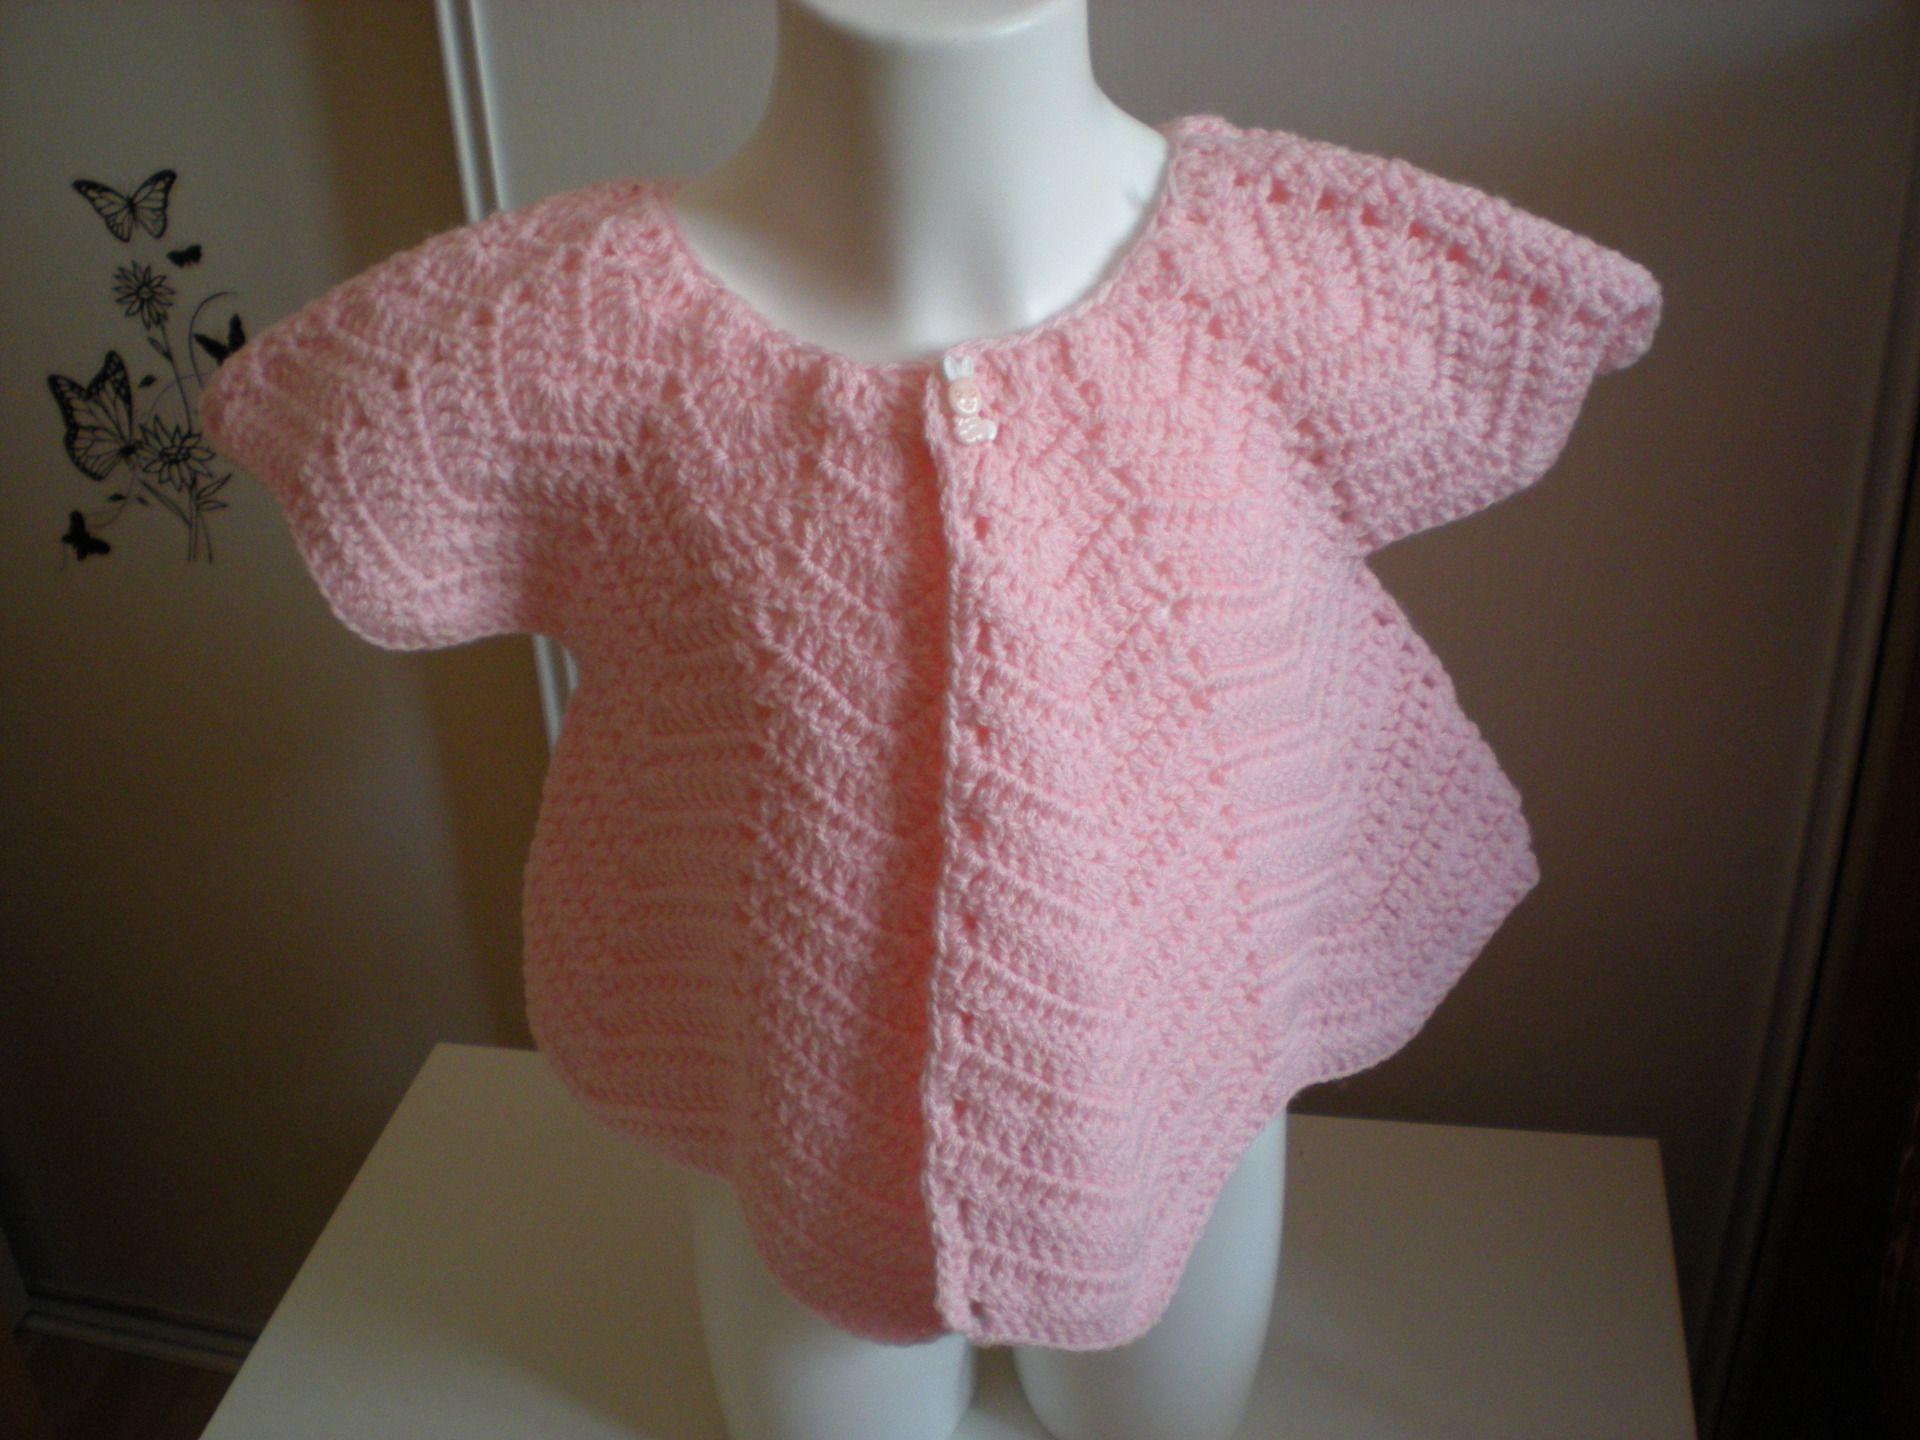 gilet sans manche au crochet rose dragée pour fille : Mode filles par nany-made